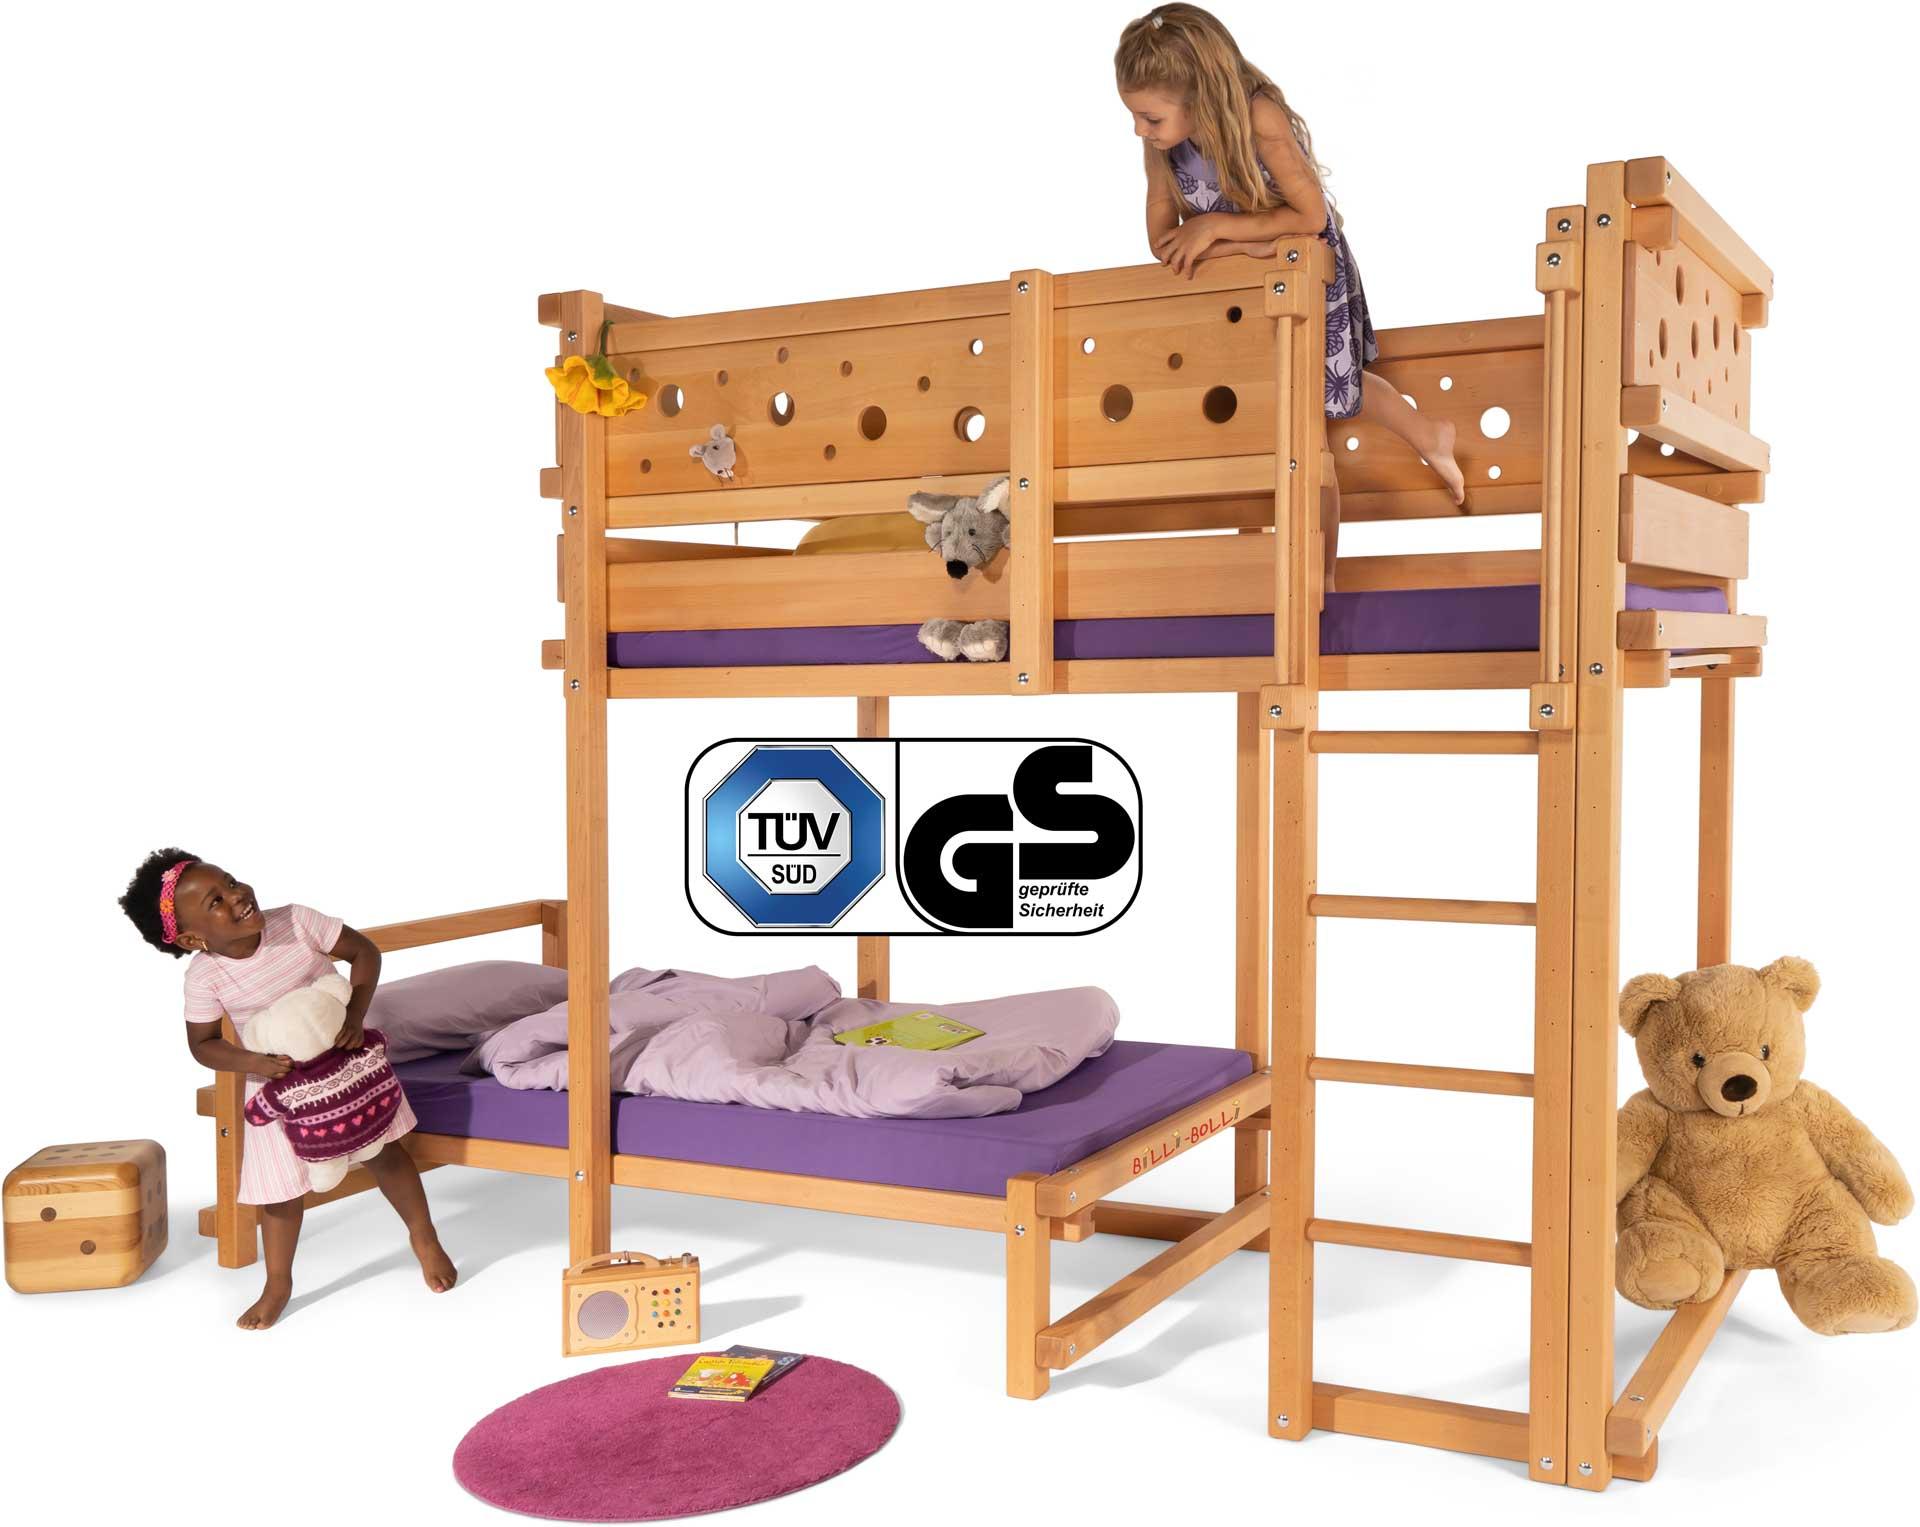 Full Size of Kinderbetten Betten Köln Kinder Rauch 140x200 Günstige Outlet Französische Massiv Musterring Mit Schubladen Boxspring Bett Kinder Betten